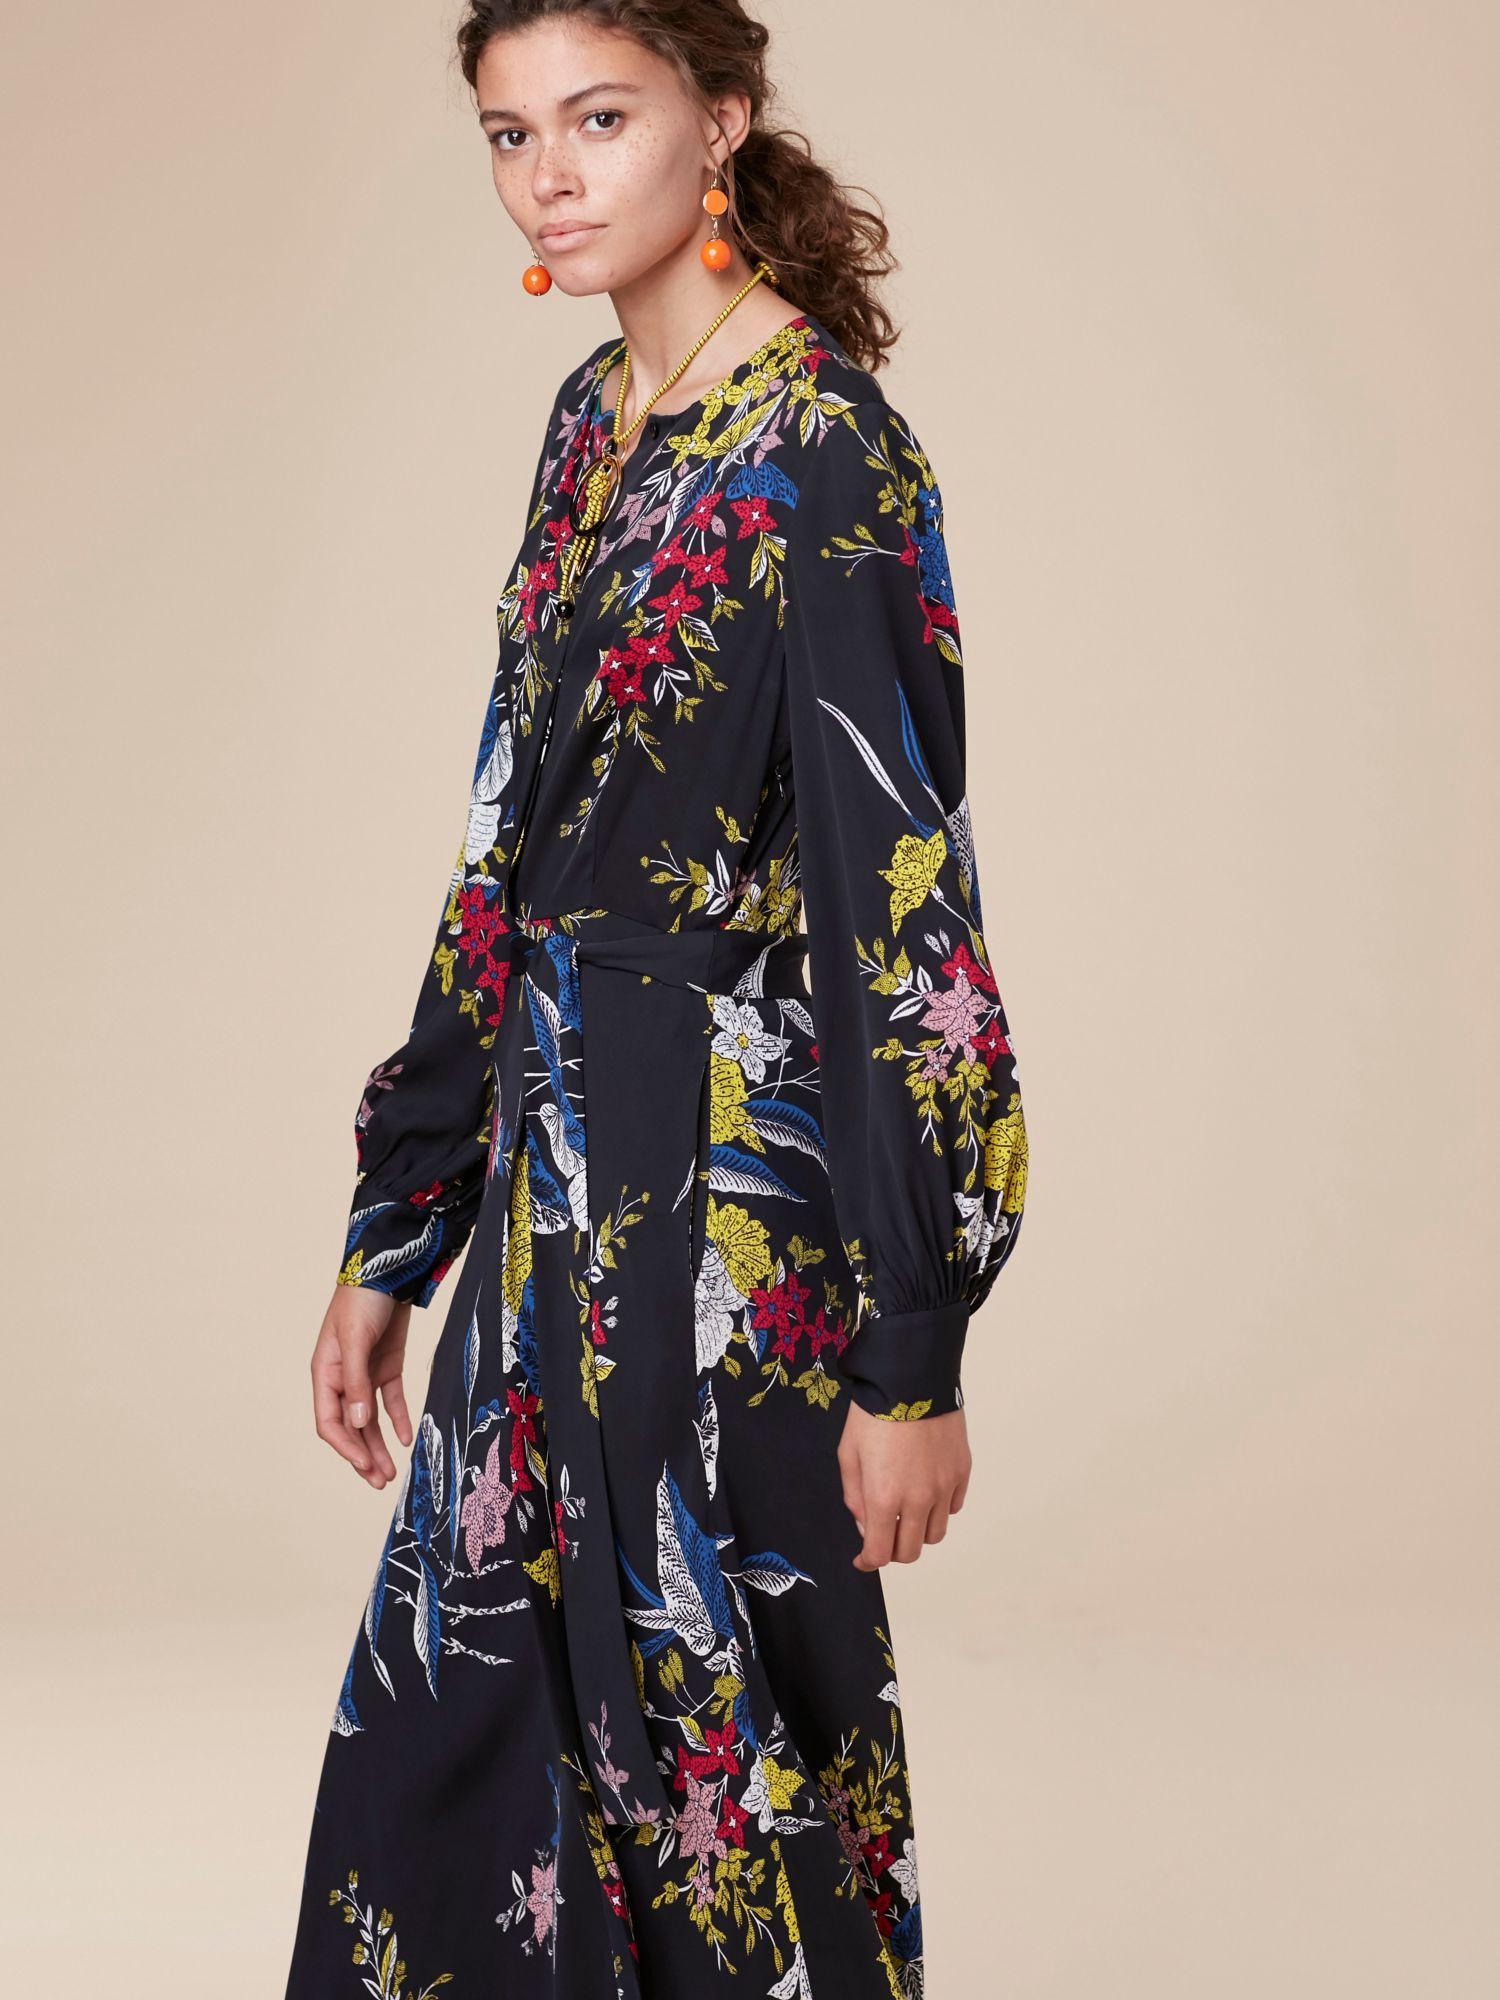 5655319e71f9 Diane Von Furstenberg Dvf Waist Tie Maxi Dress - Camden Black 10